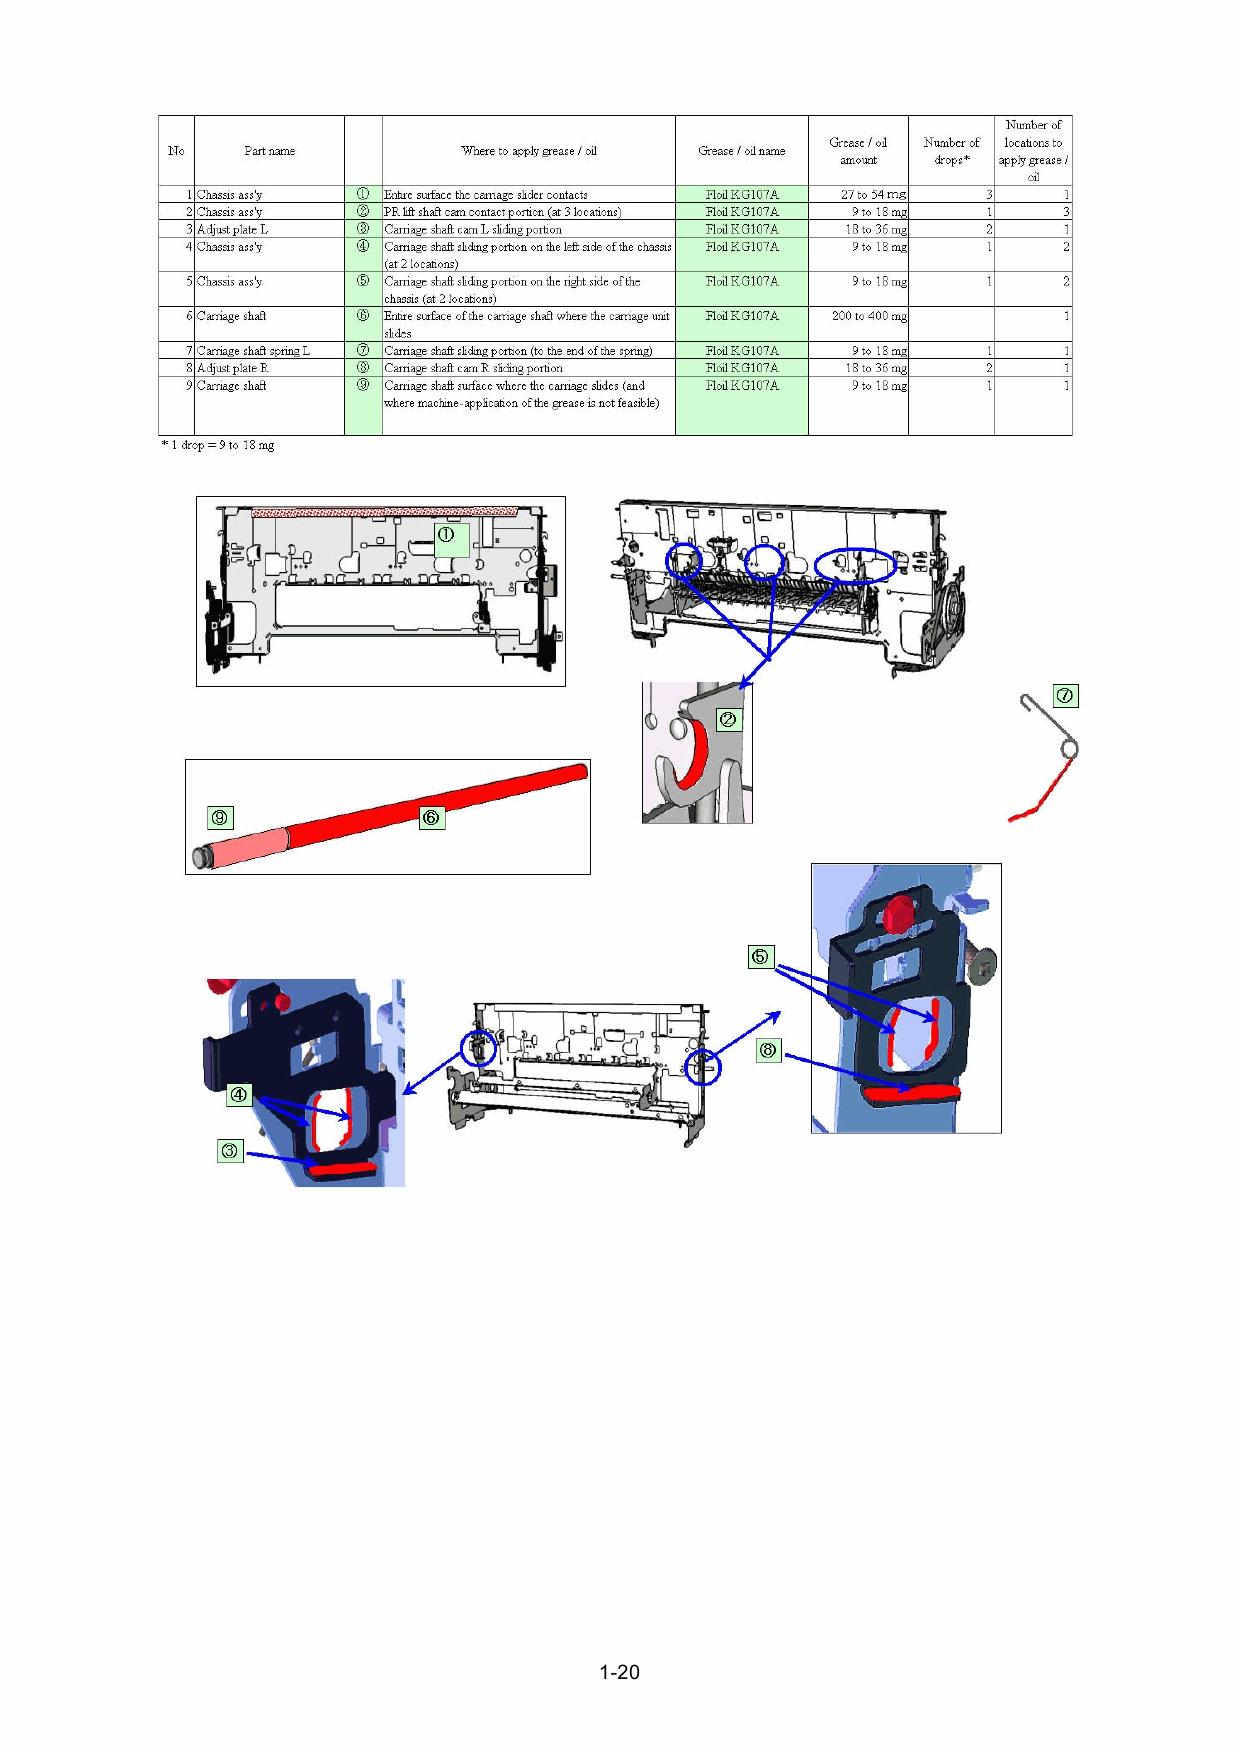 canon pixma ip4200 service manual rh qmanual com service manual canon pixma ip4200 service manual canon pixma ip4200